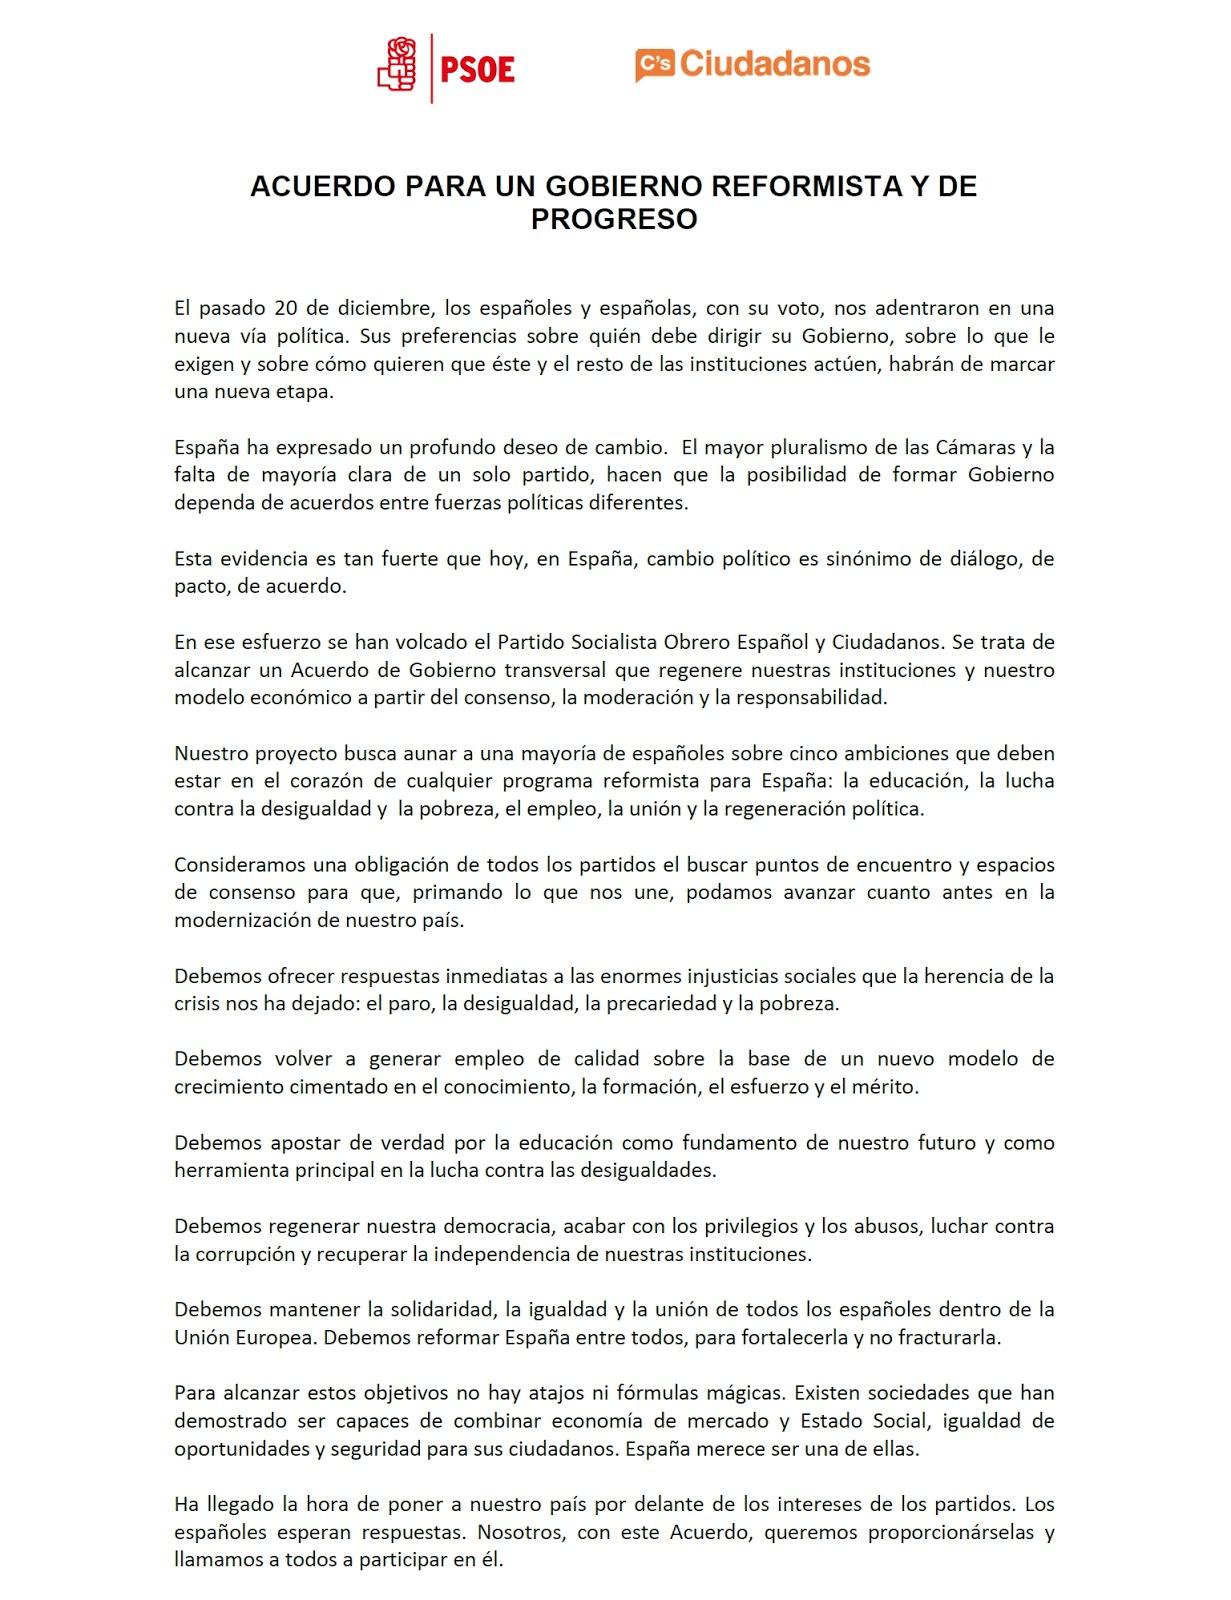 Blog de luis ngel zas acuerdo de gobierno psoe for Acuerdo de gobierno psoe ciudadanos